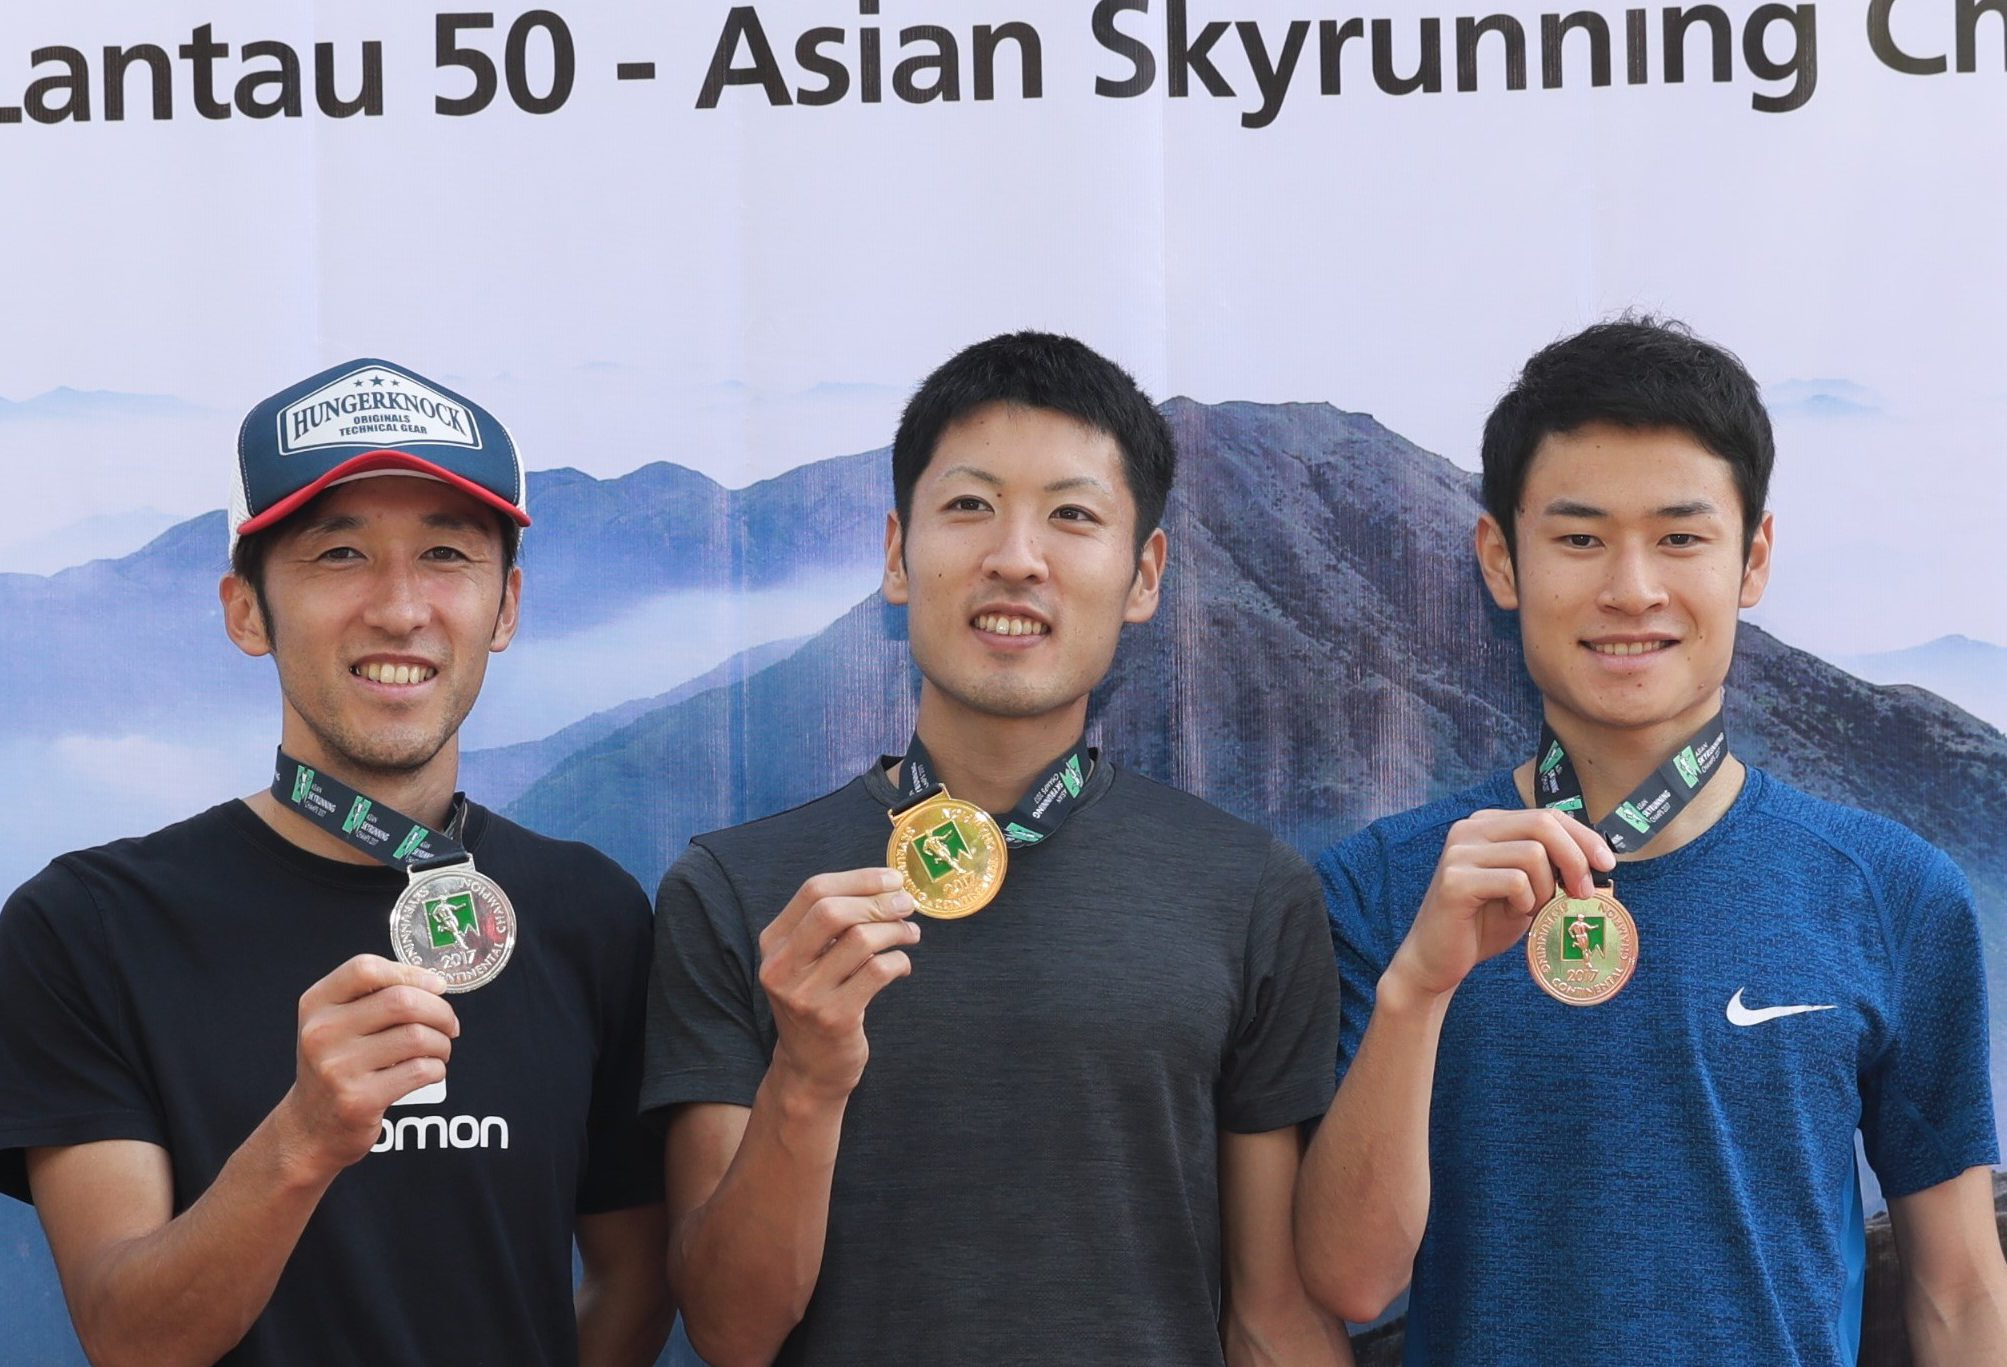 男子は日本勢がトップ3に 左から、星野、三浦、長田 ©Action Asia Events